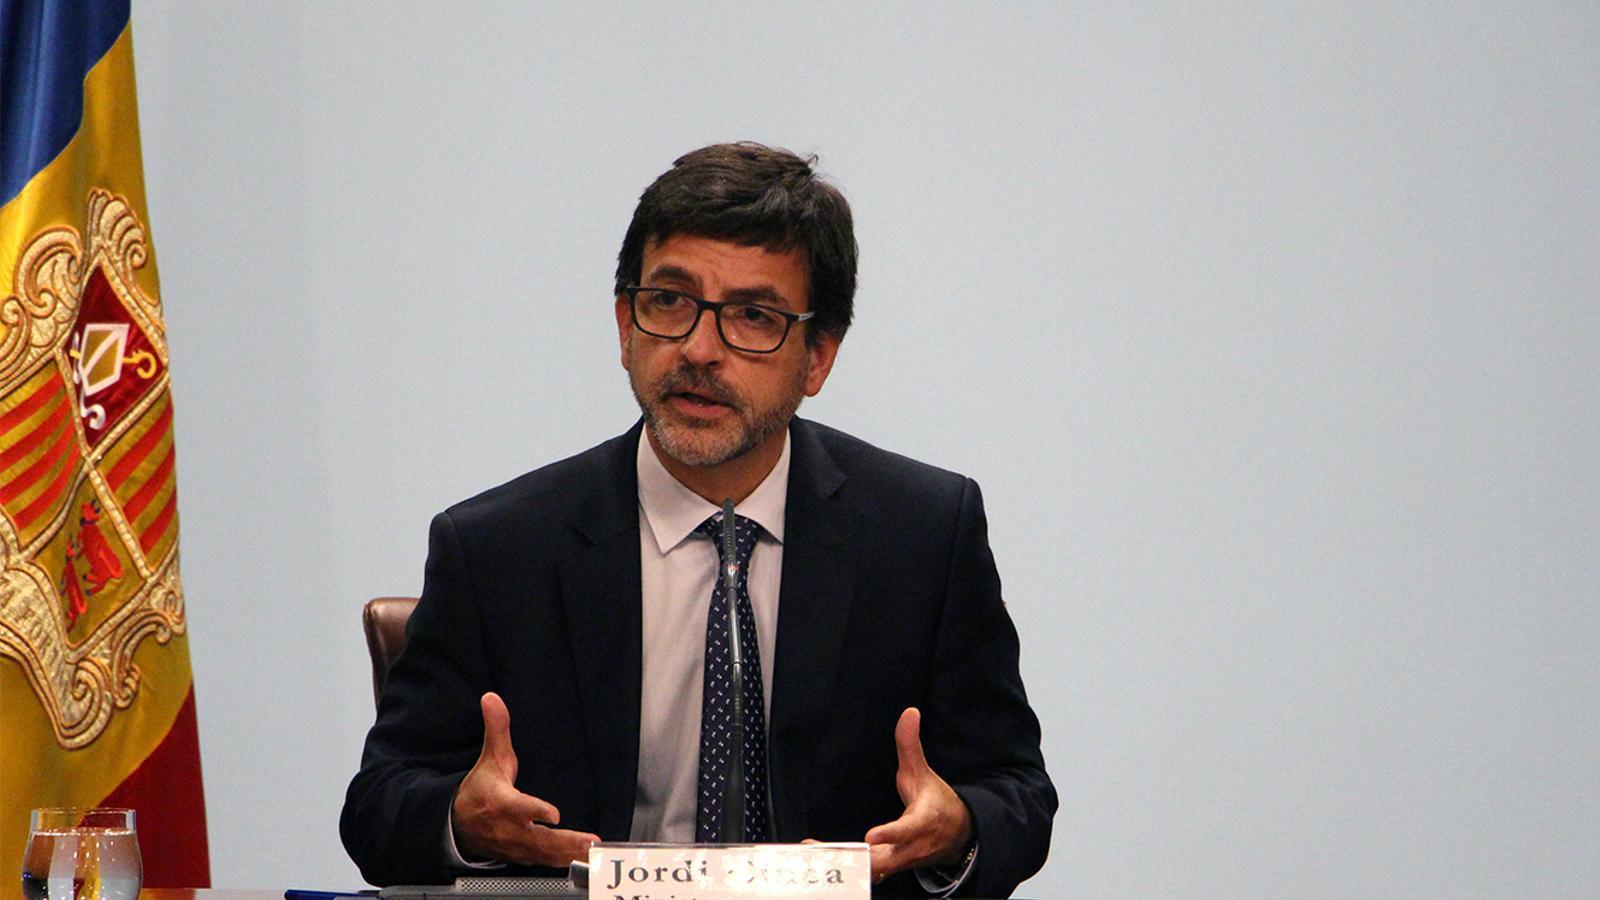 El ministre portaveu, Jordi Cinca, durant la roda de premsa posterior al consell de ministres. M. M. (ANA)